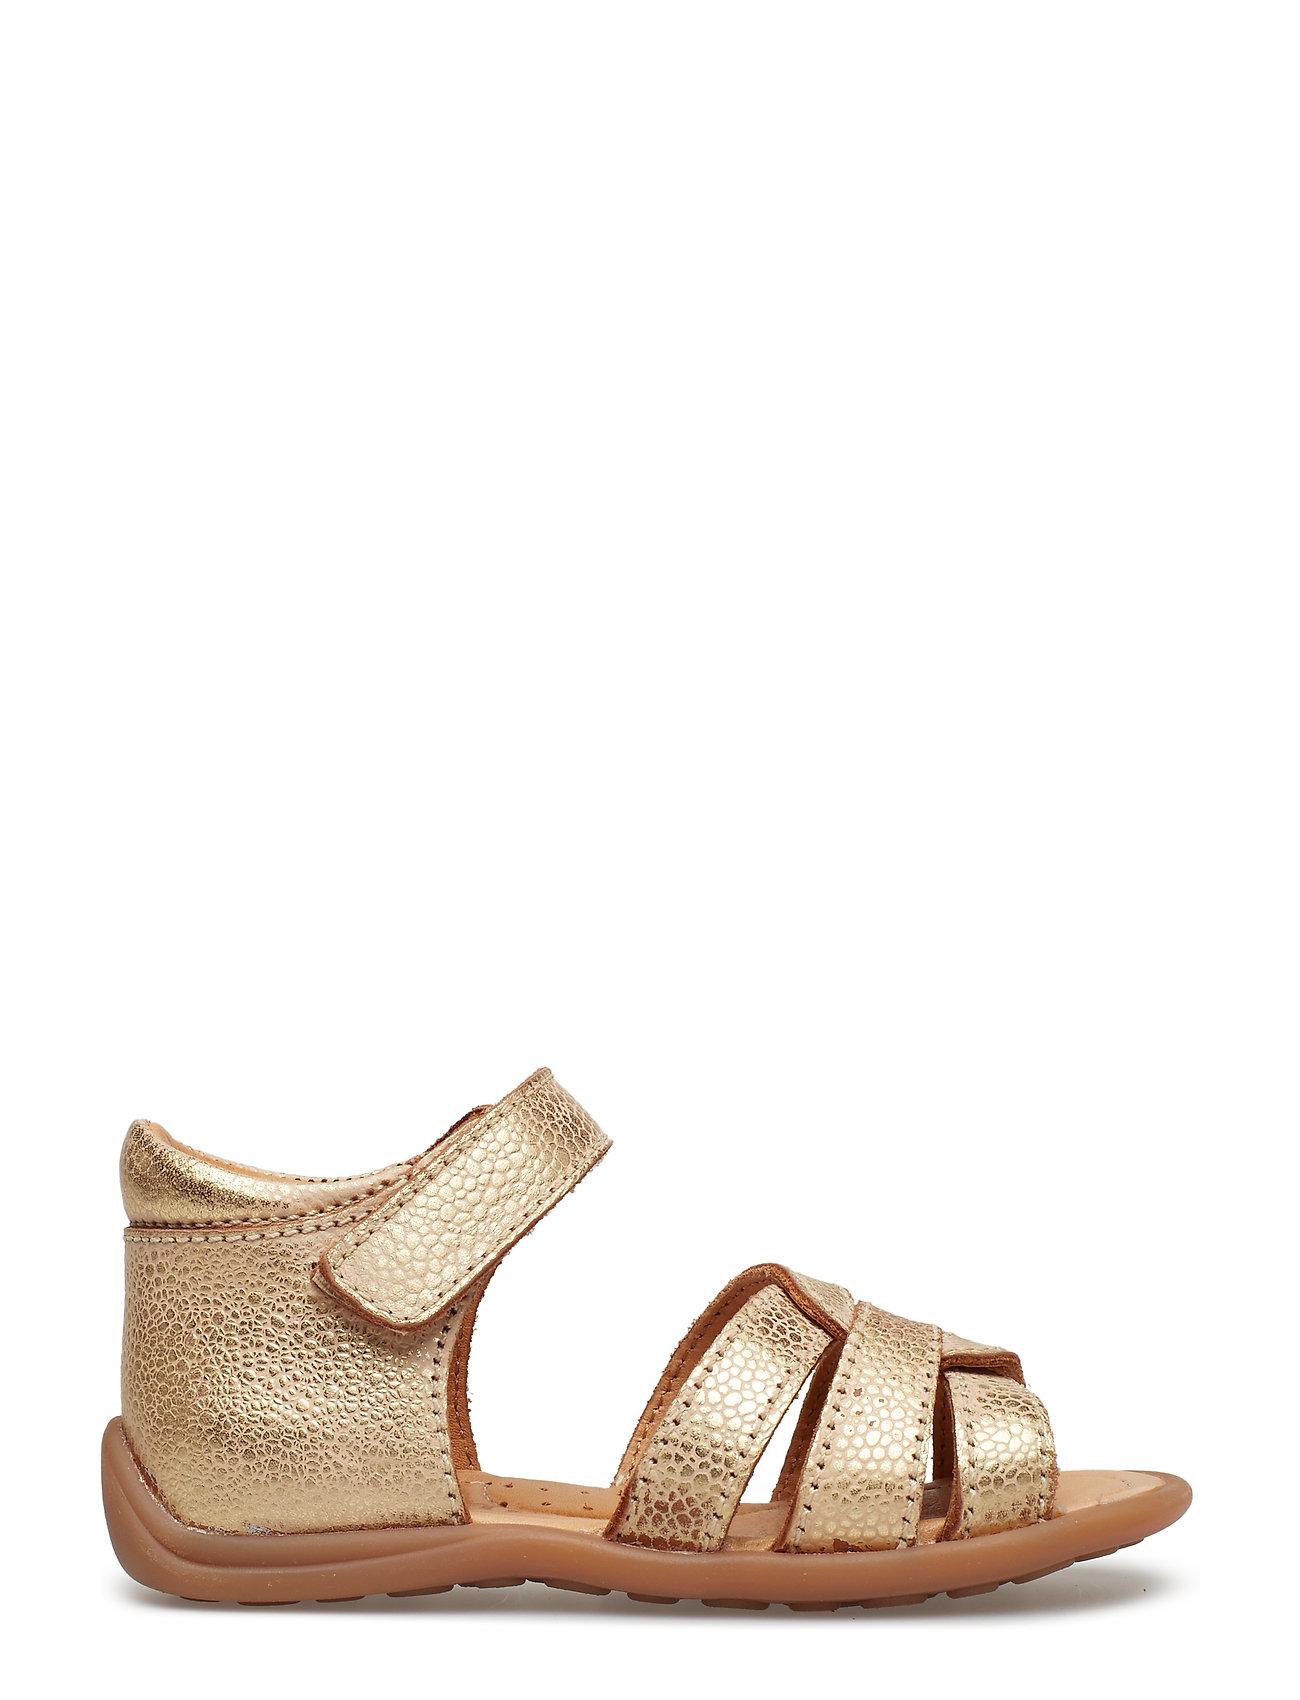 Sandal Sandaler Guld BISGAARD